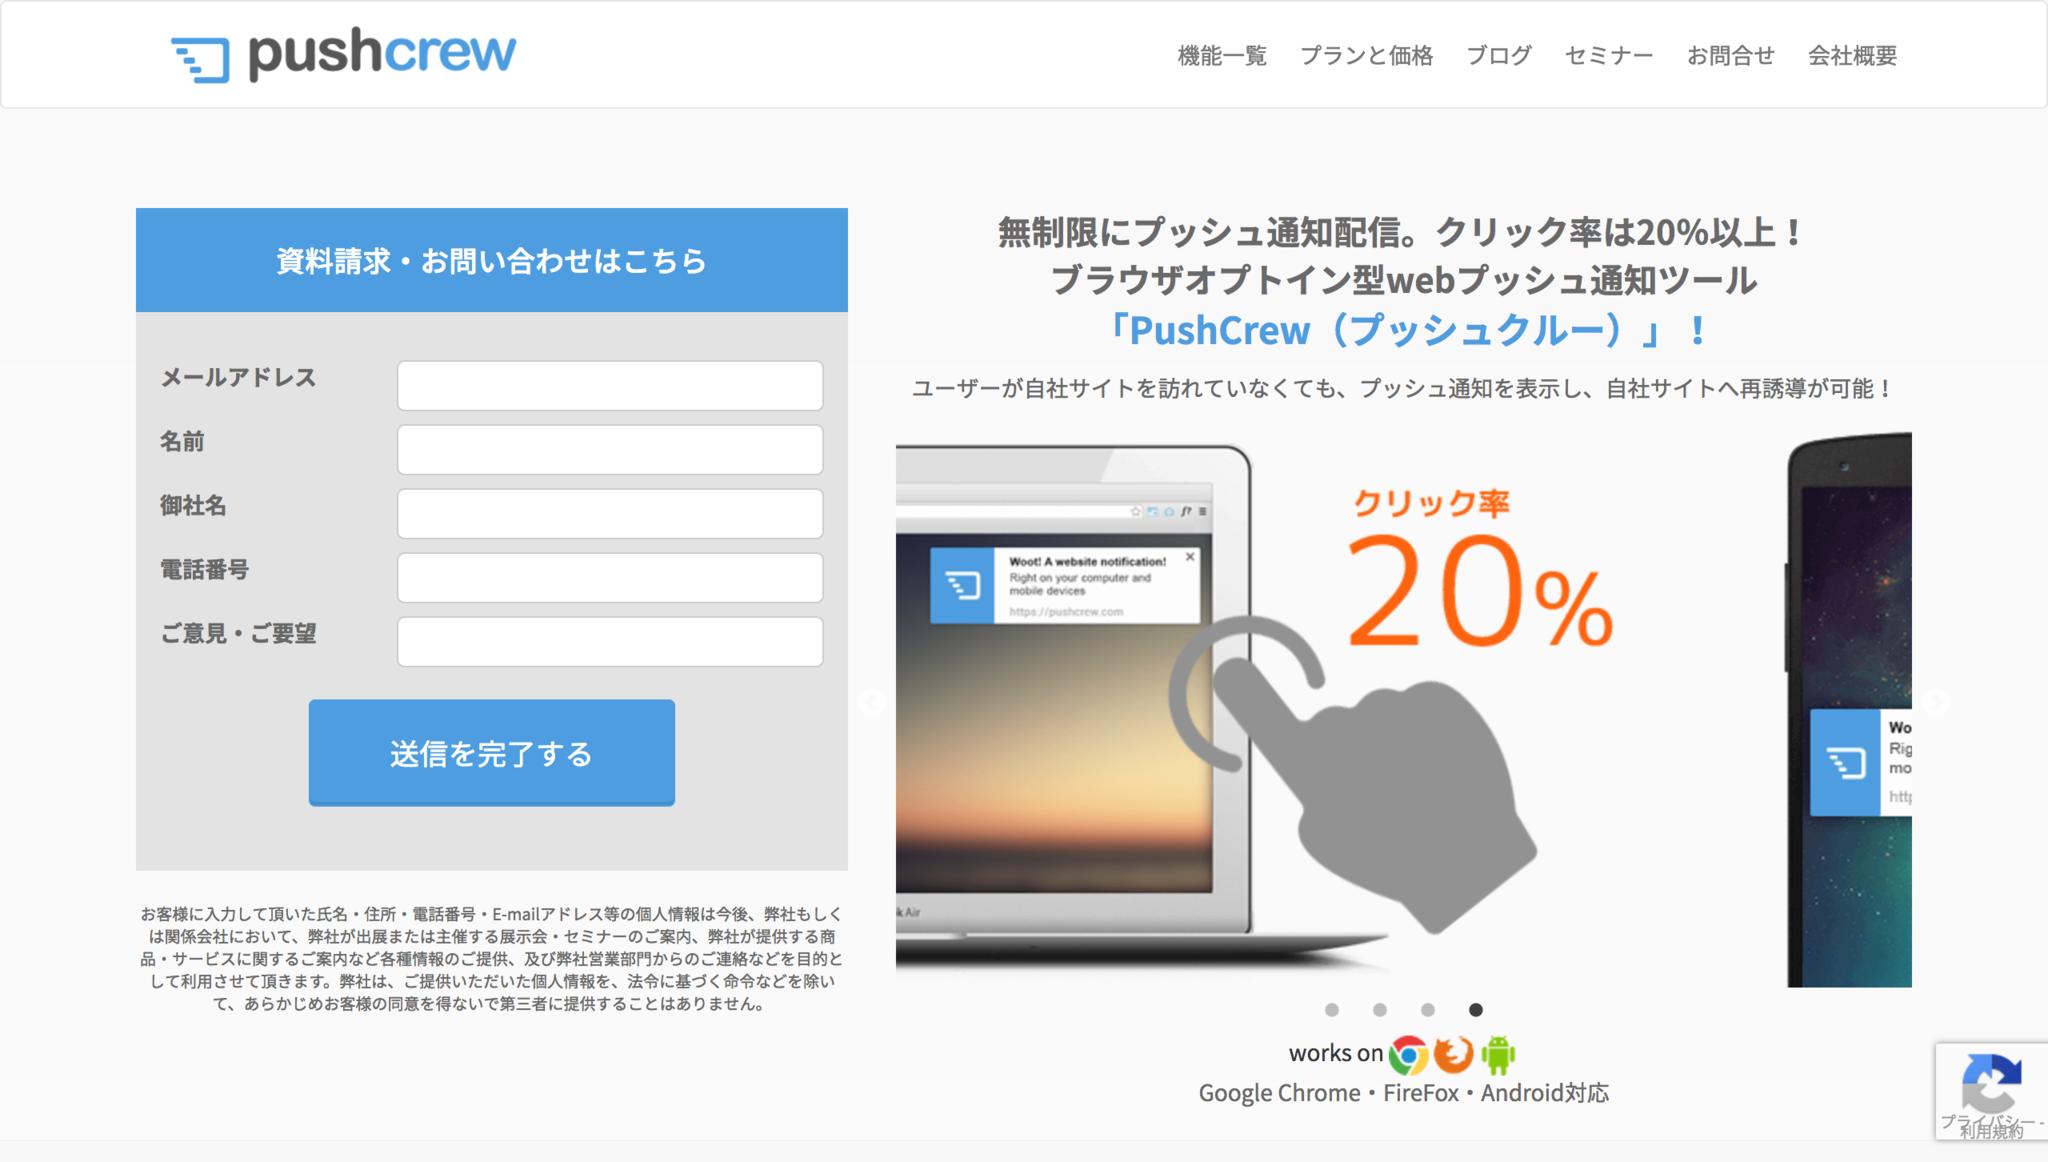 Pushcrew_Japan___株式会社アッション.png